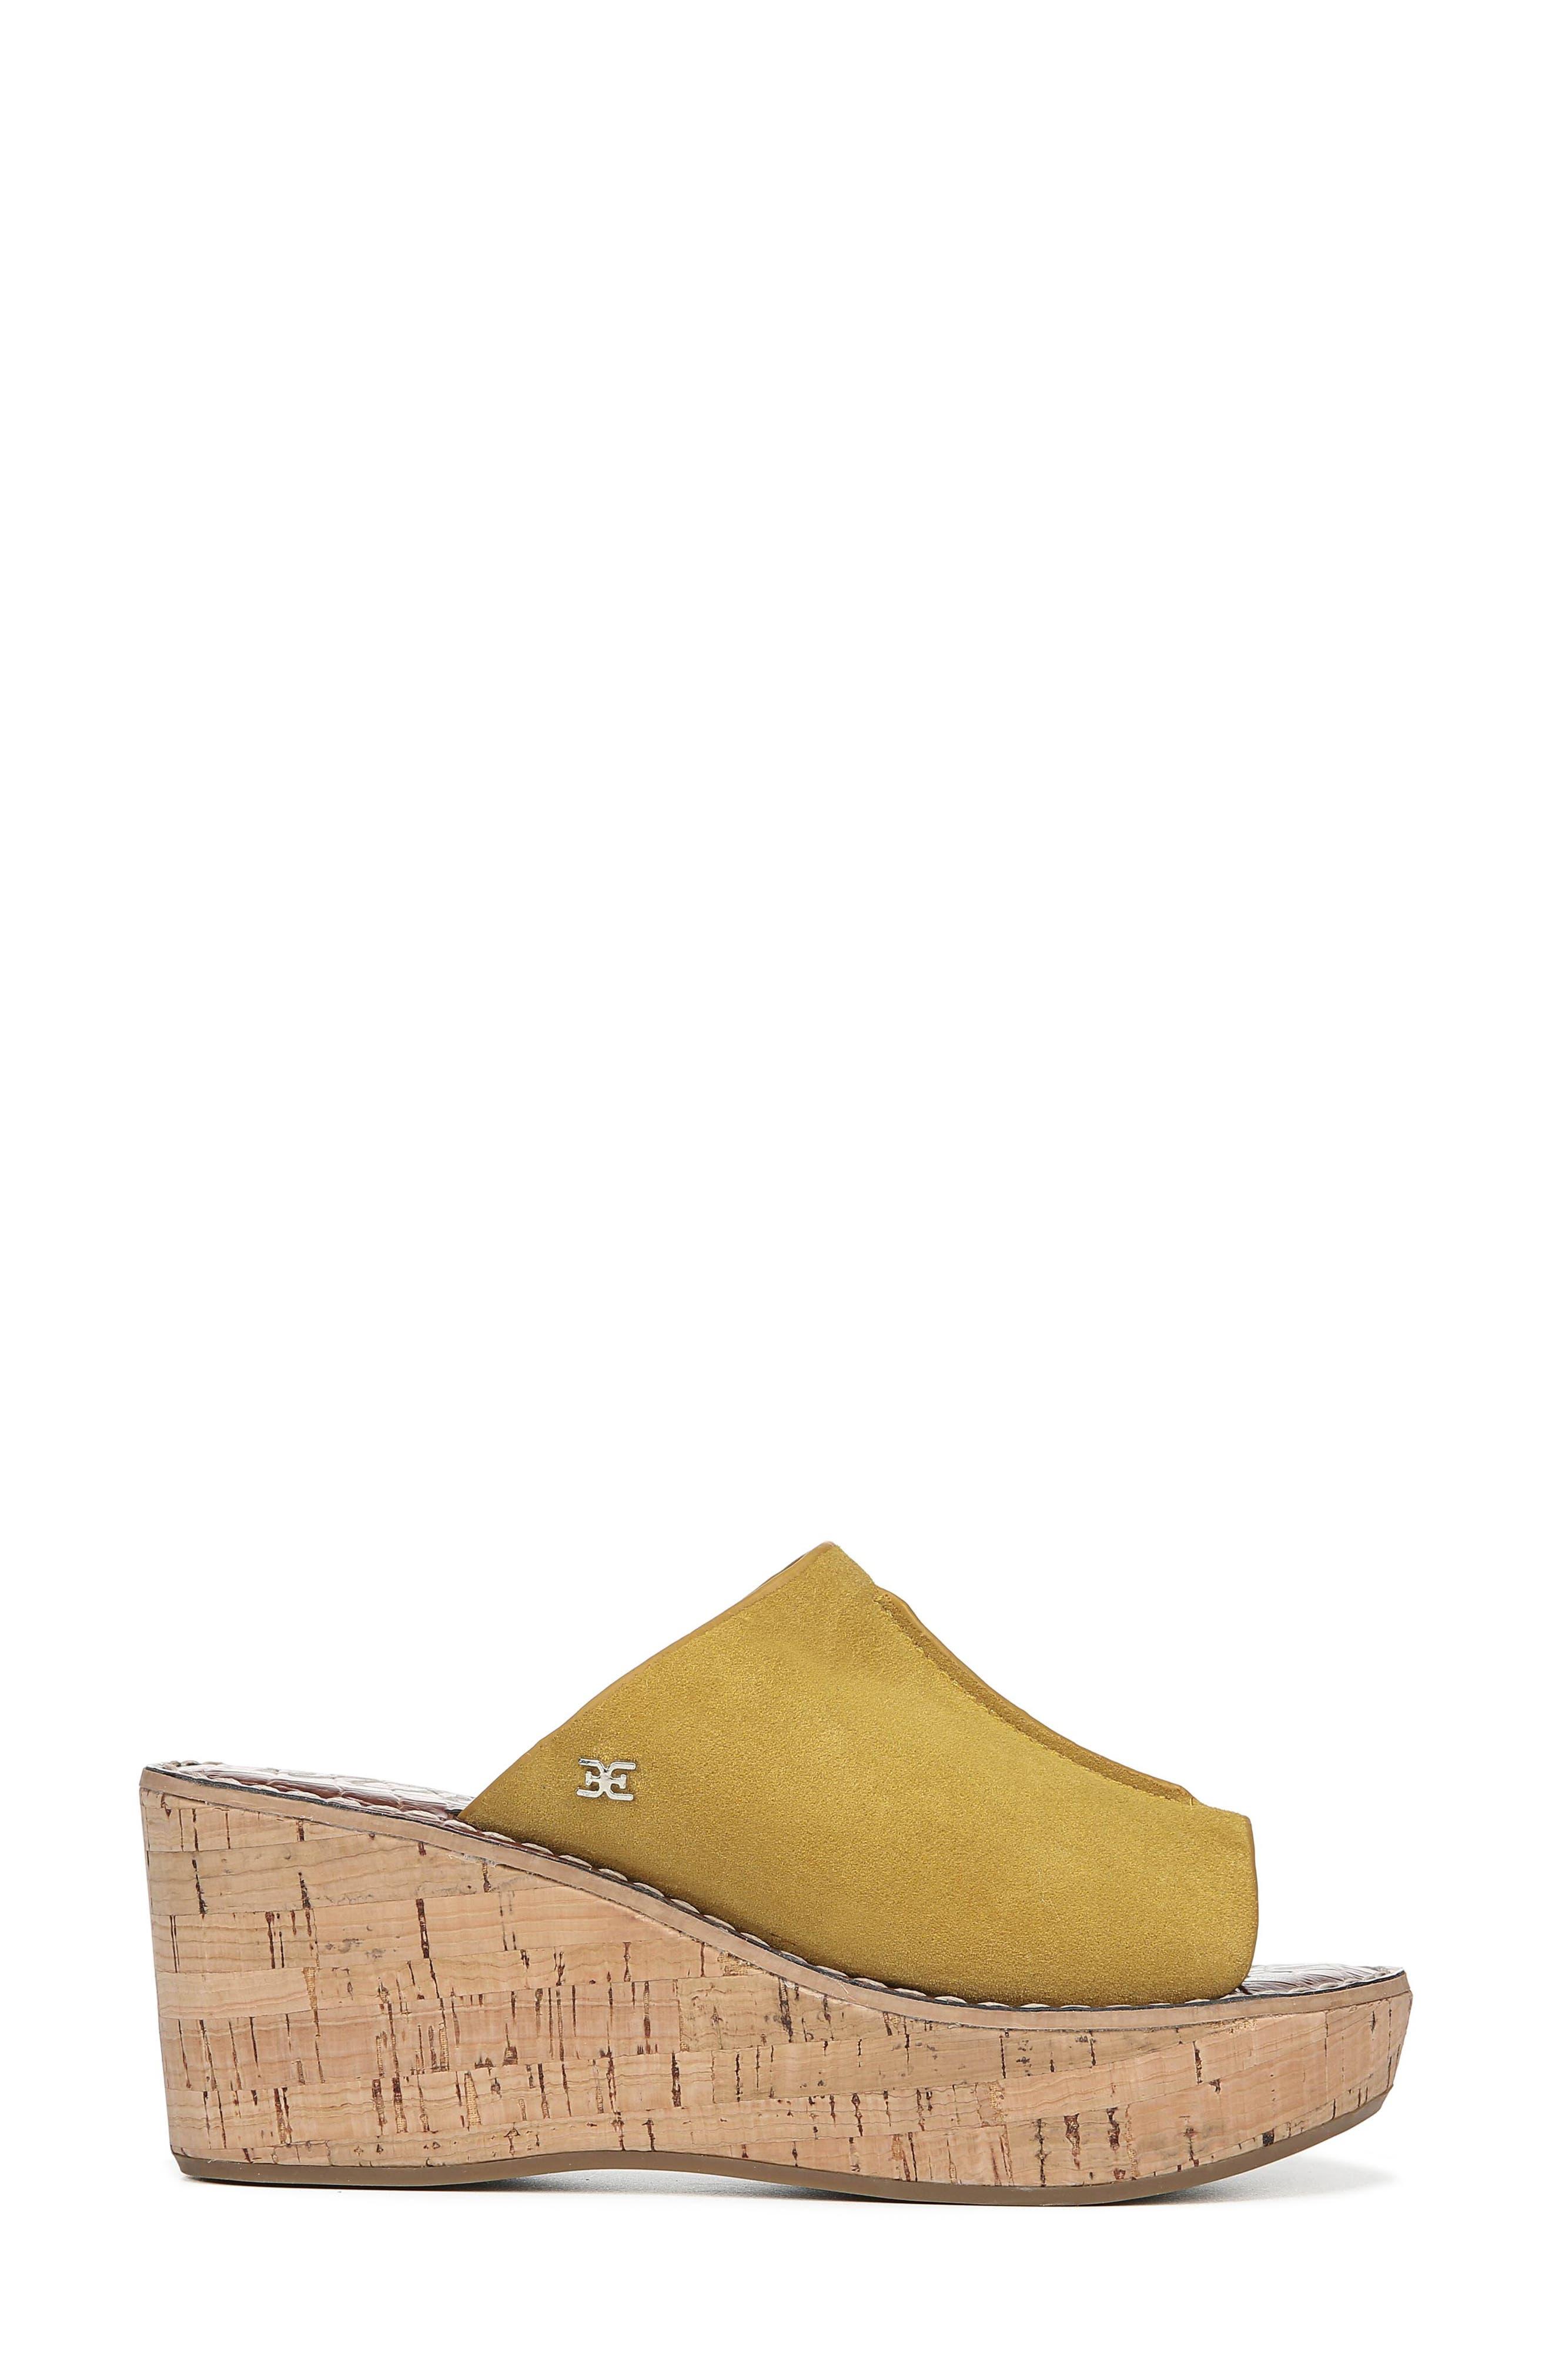 Ranger Platform Sandal,                             Alternate thumbnail 21, color,